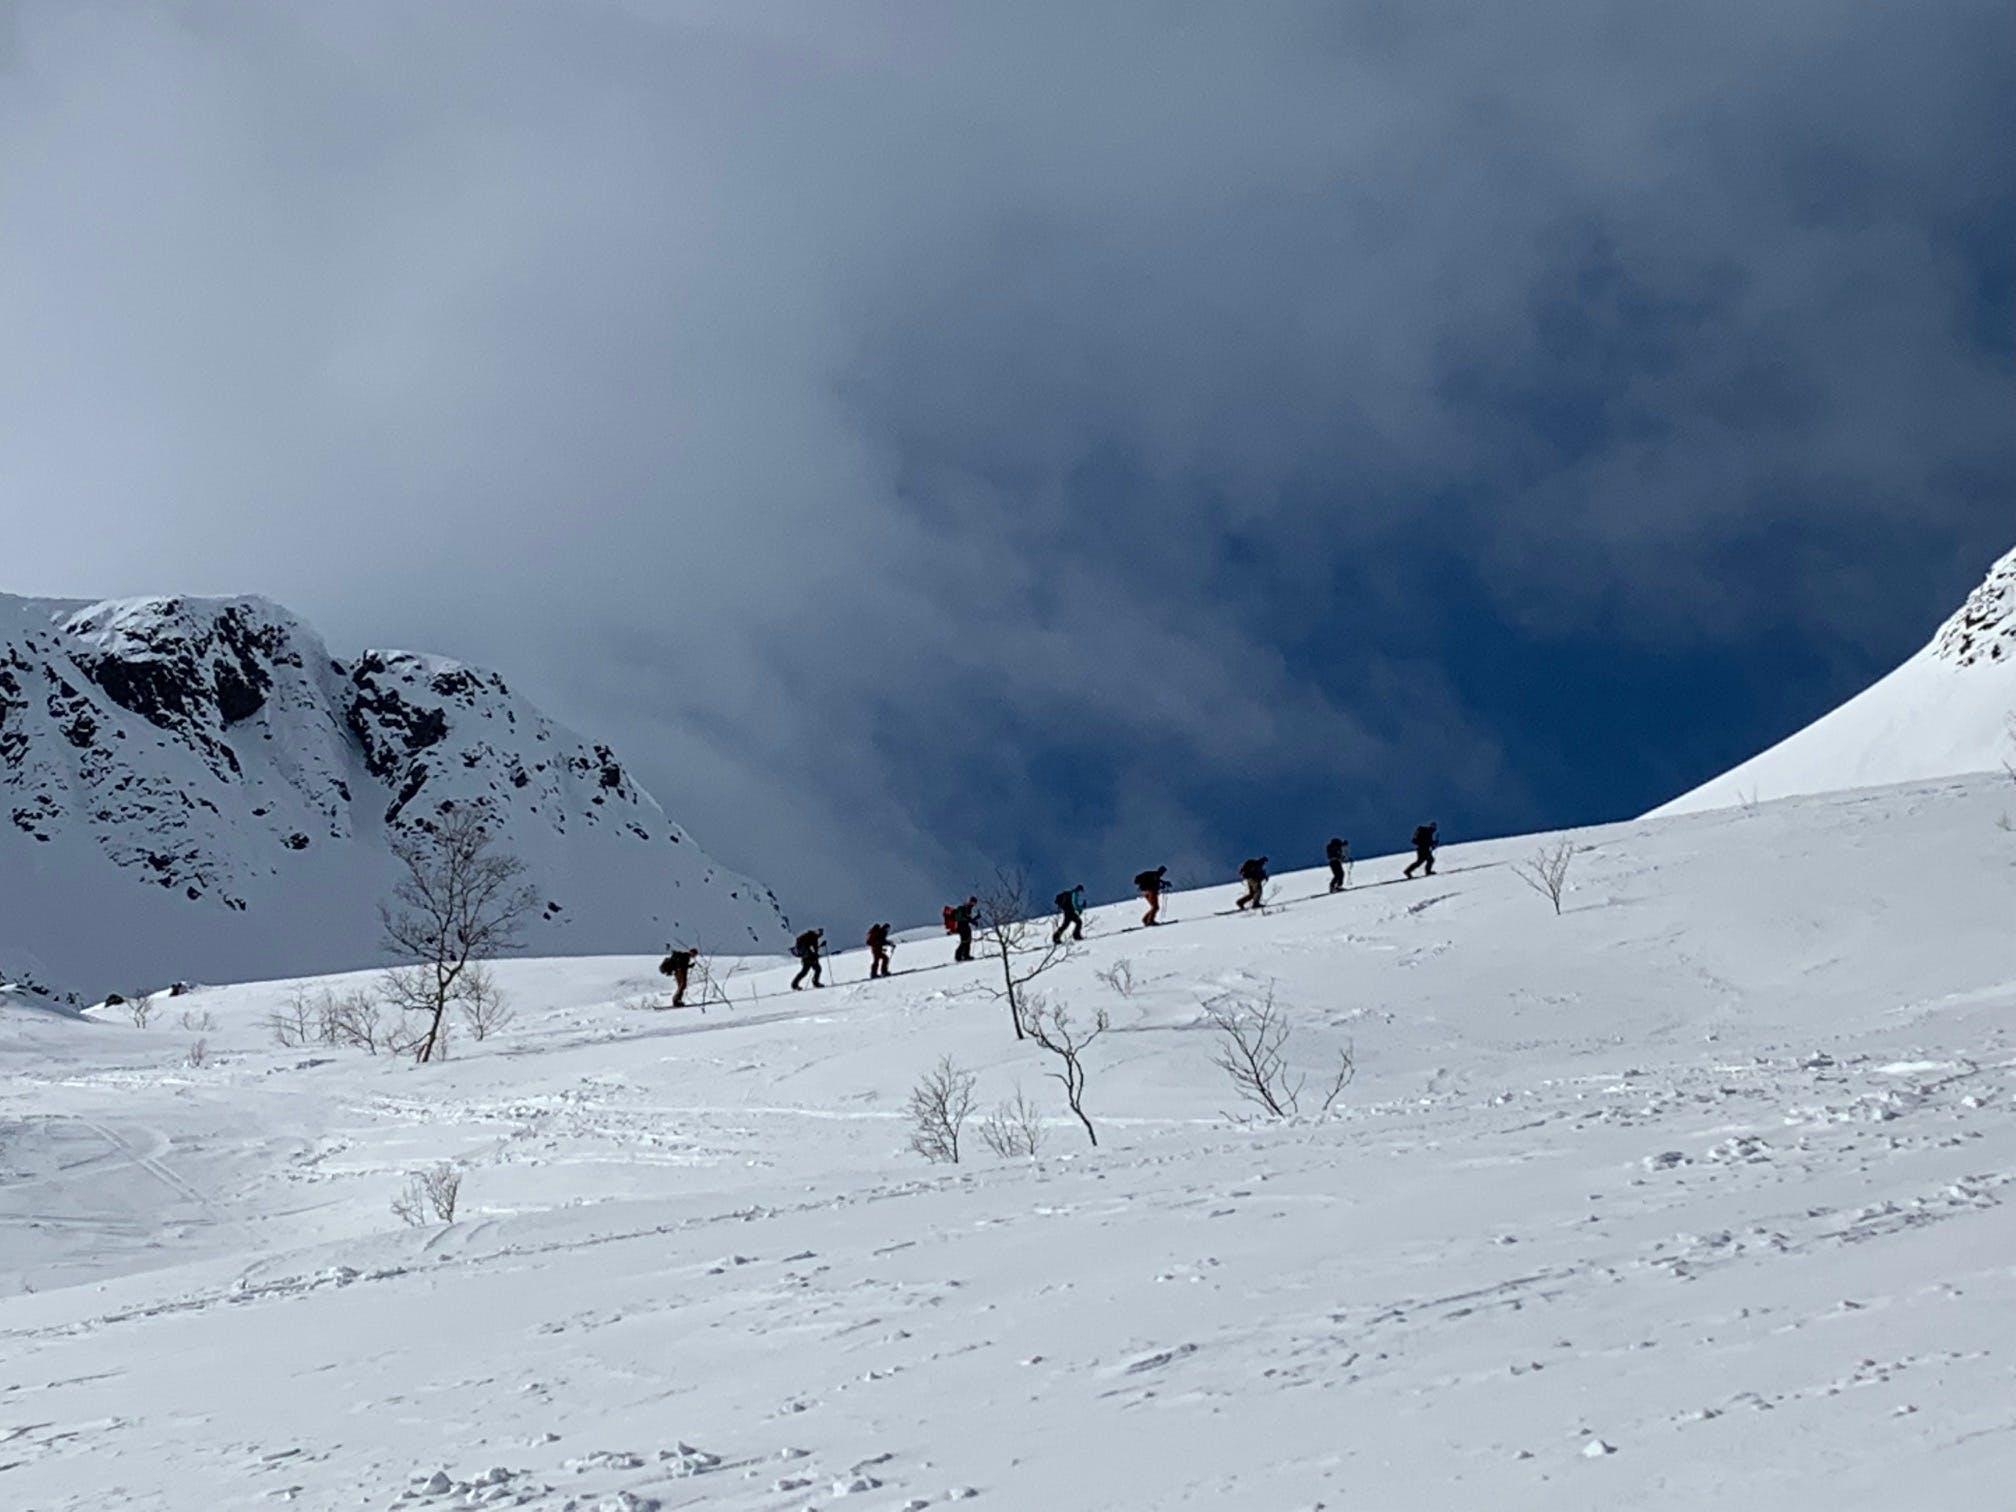 Norway Lofoten snowboard splitboard trip